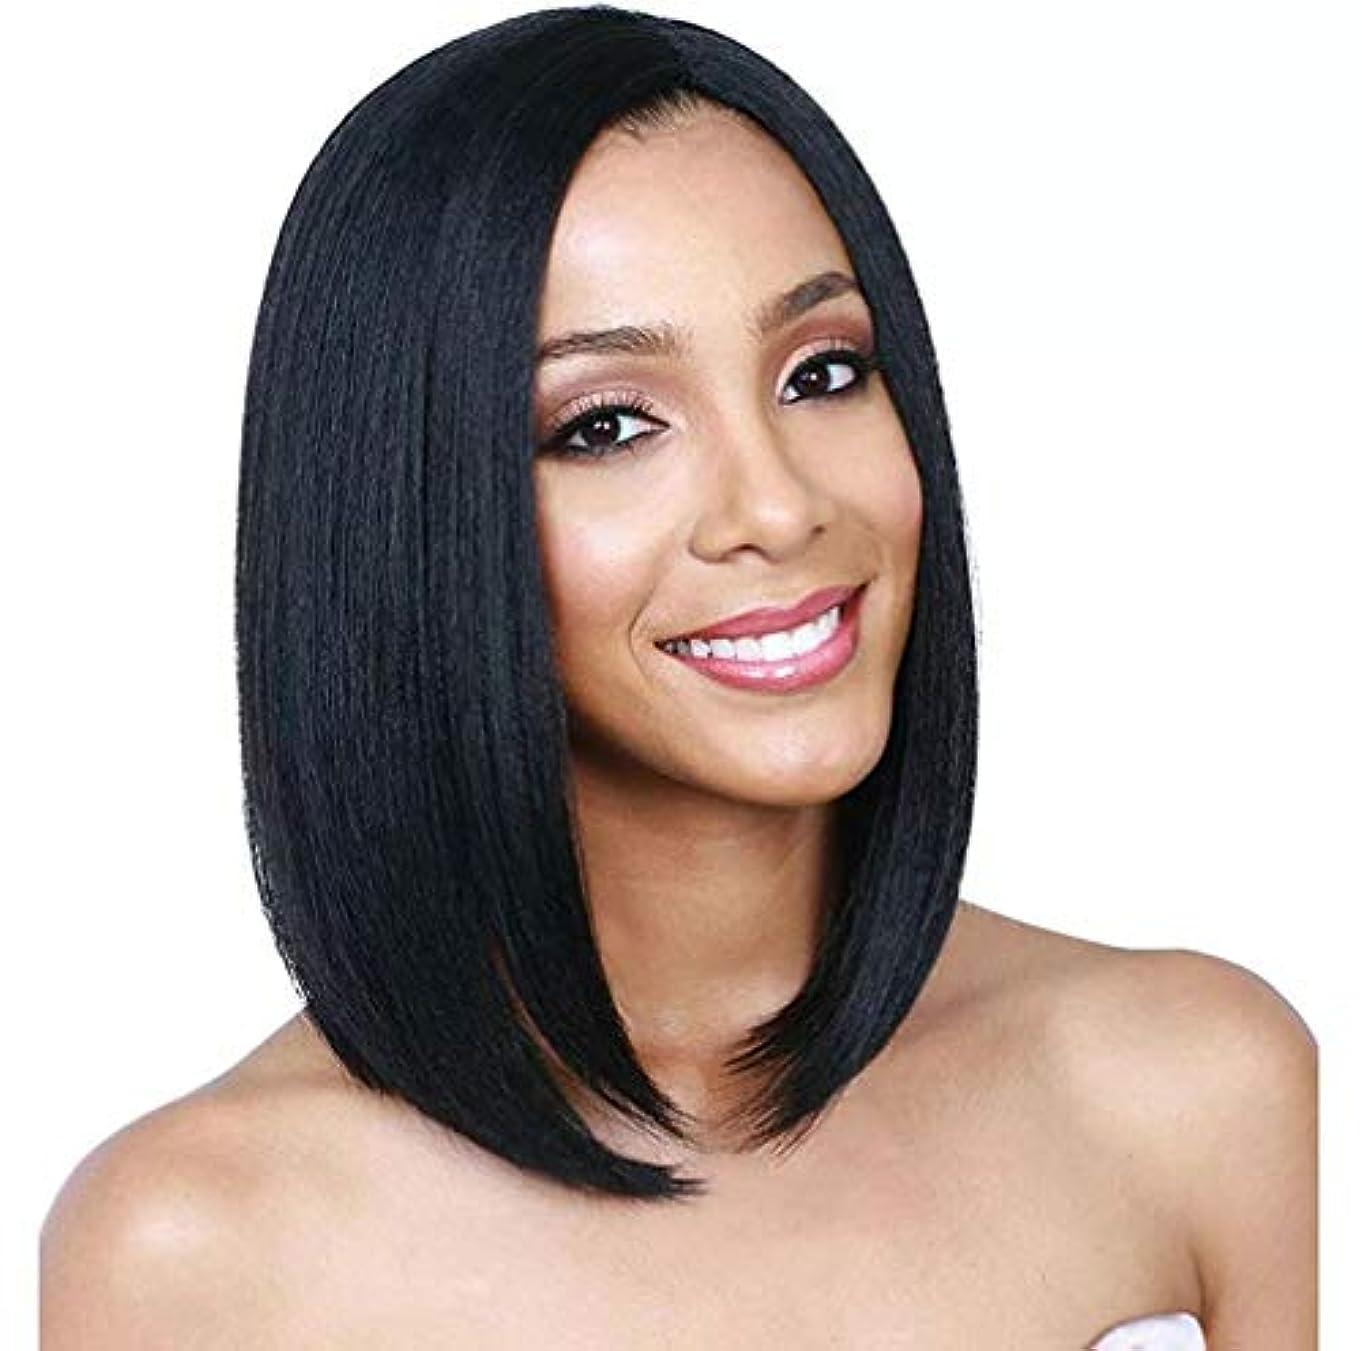 トライアスロンダッシュ何故なの女性のかつらボブストレート人工毛ウィッグ耐熱繊維グルーレス髪の毎日パーティーグラデーション150%高密度